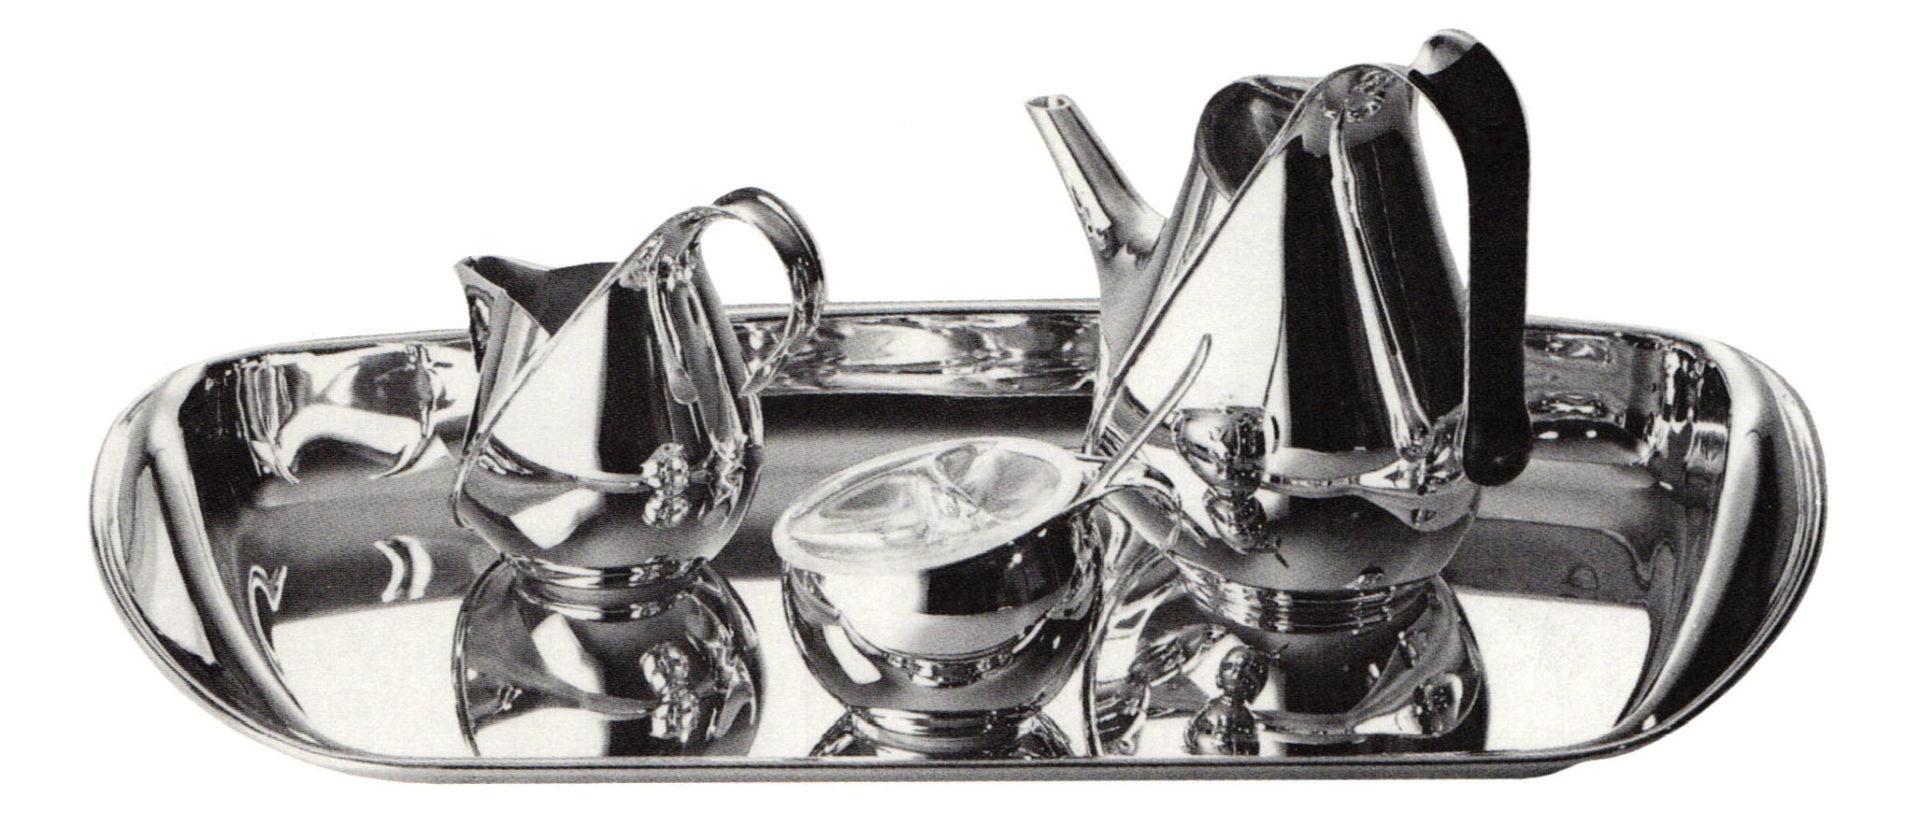 Oscar Tusquets - Architecture in Silver